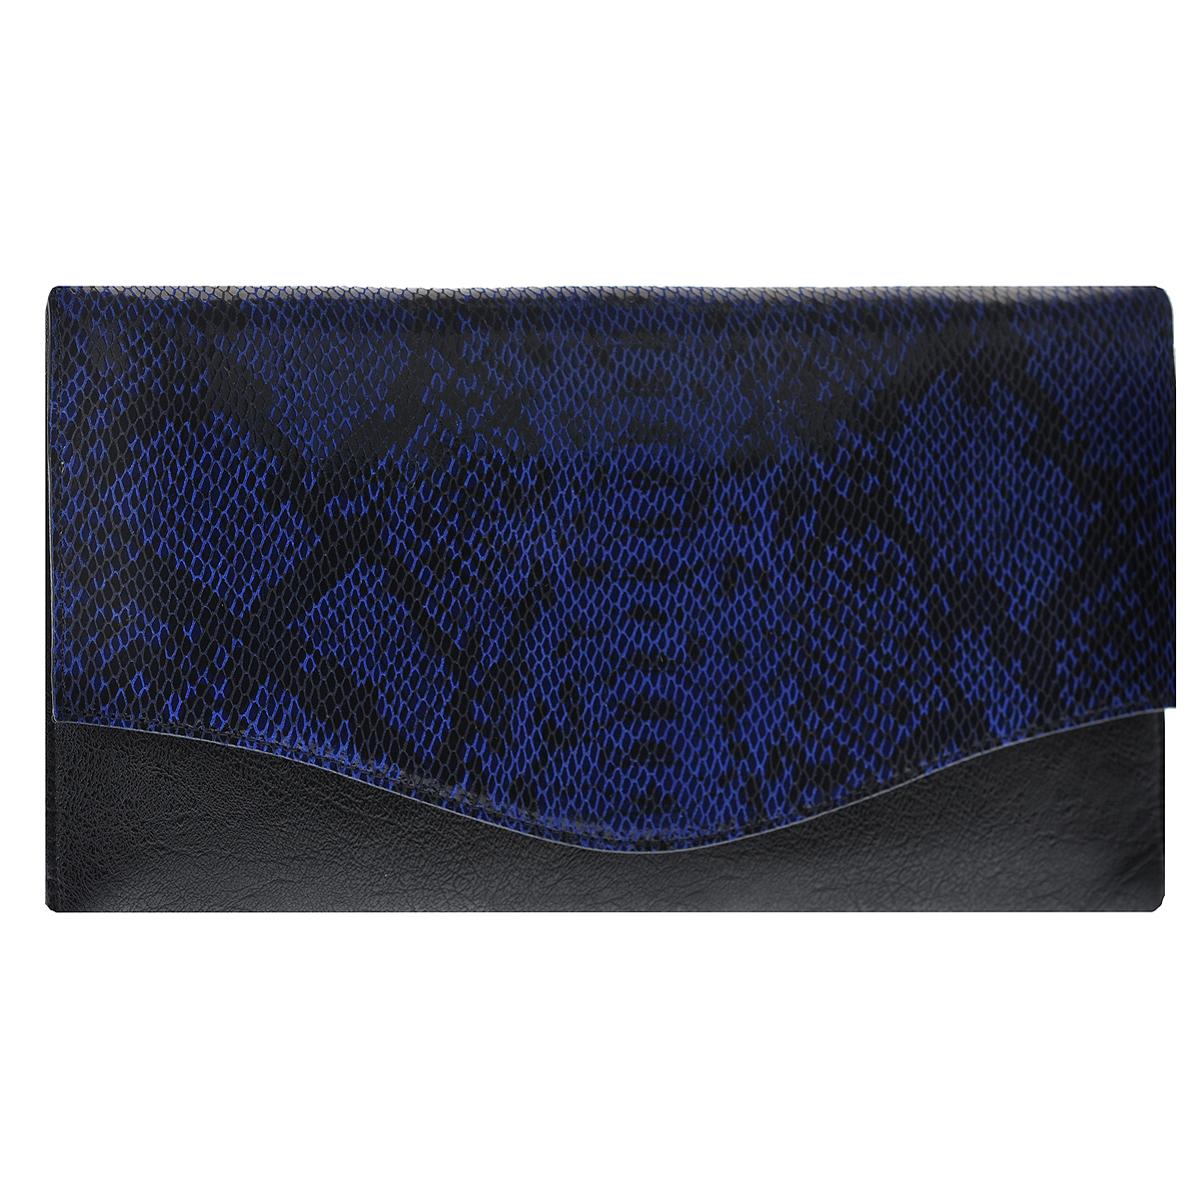 Сумка женская Fancy bag, цвет: черный, синий. 8815В-608815В-60 синийСтильная сумка Fancy bag выполнена из искусственной кожи черного цвета и декорирована тиснением под рептилию. Сумка имеет одно отделения, закрывающихся клапаном на две магнитные кнопки. Внутри расположен вшитый карман на застежке-молнии и два накладных кармана для мелочей. В комплекте чехол для хранения и съемный плечевой ремень. Этот стильный аксессуар станет великолепным дополнением вашего образа. Характеристики: Материал: натуральная кожа, текстиль, металл. Размер сумки: 32 см х 16 см х 3 см. Высота ручек: 99 см. Цвет: черный, синий. Артикул: 8815В-60.